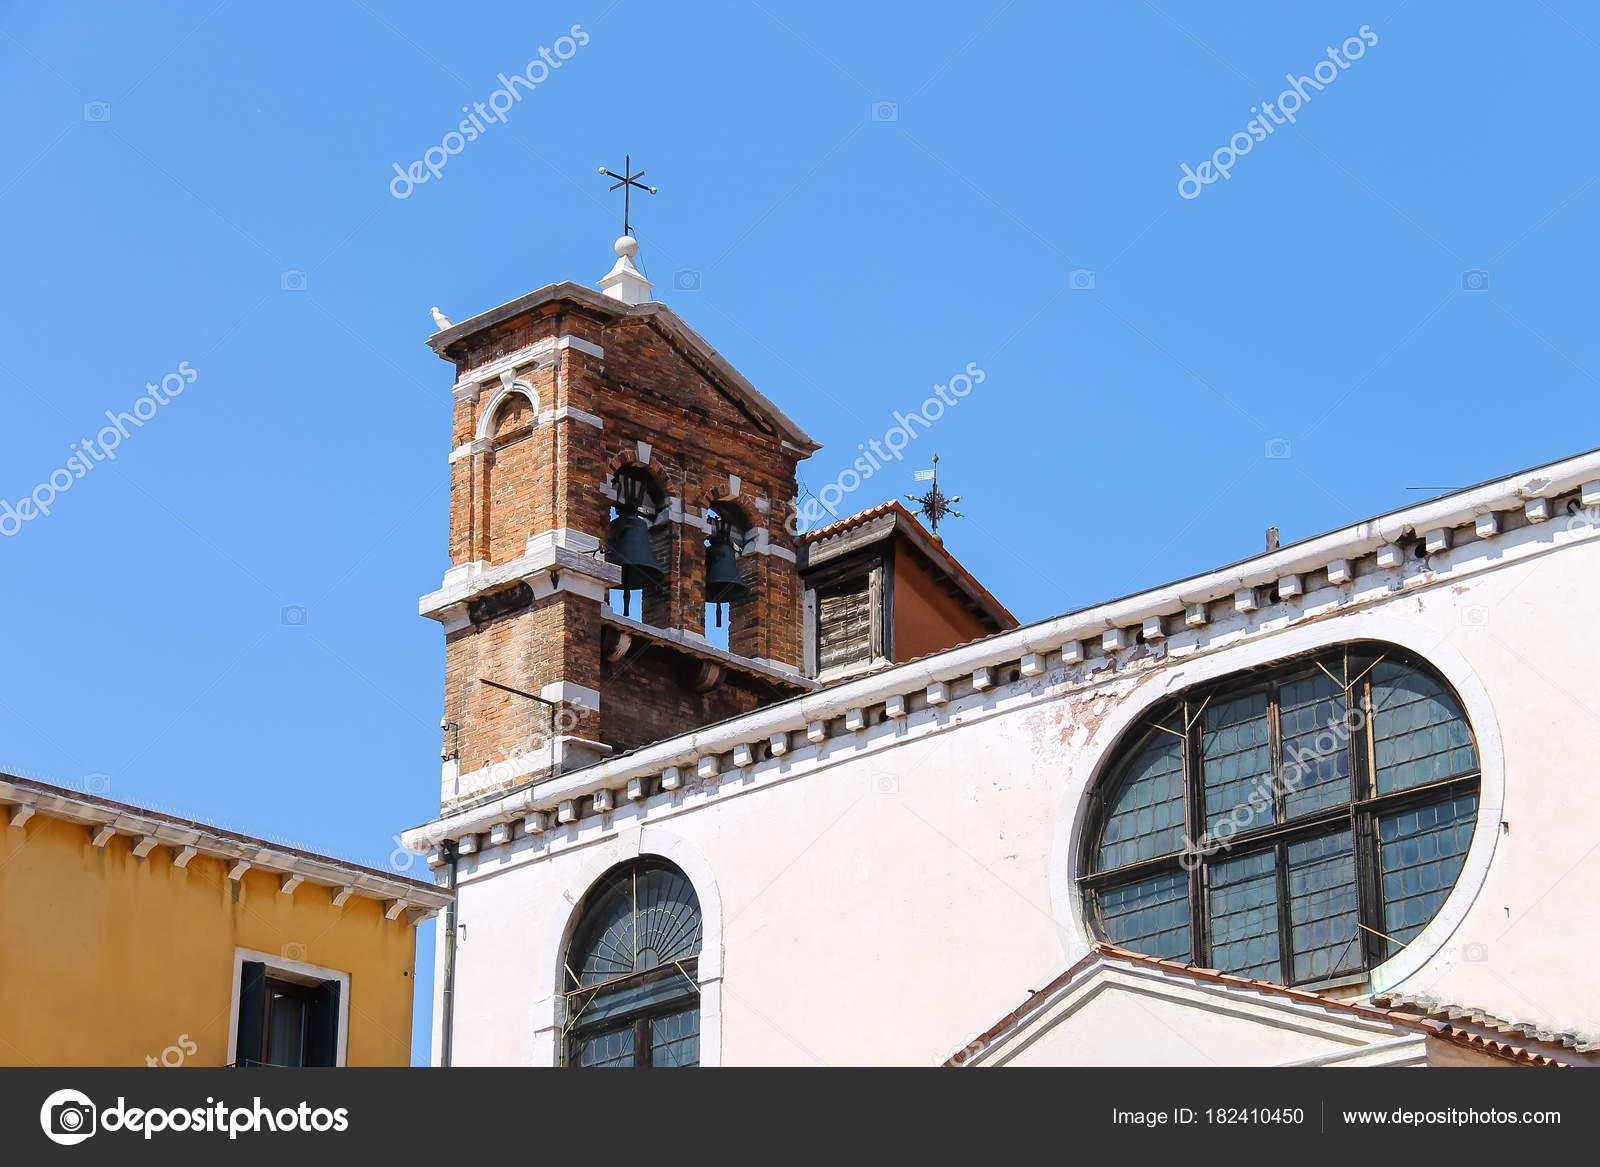 Campanas de iglesia de Santa Maria Zobenigo en Venecia